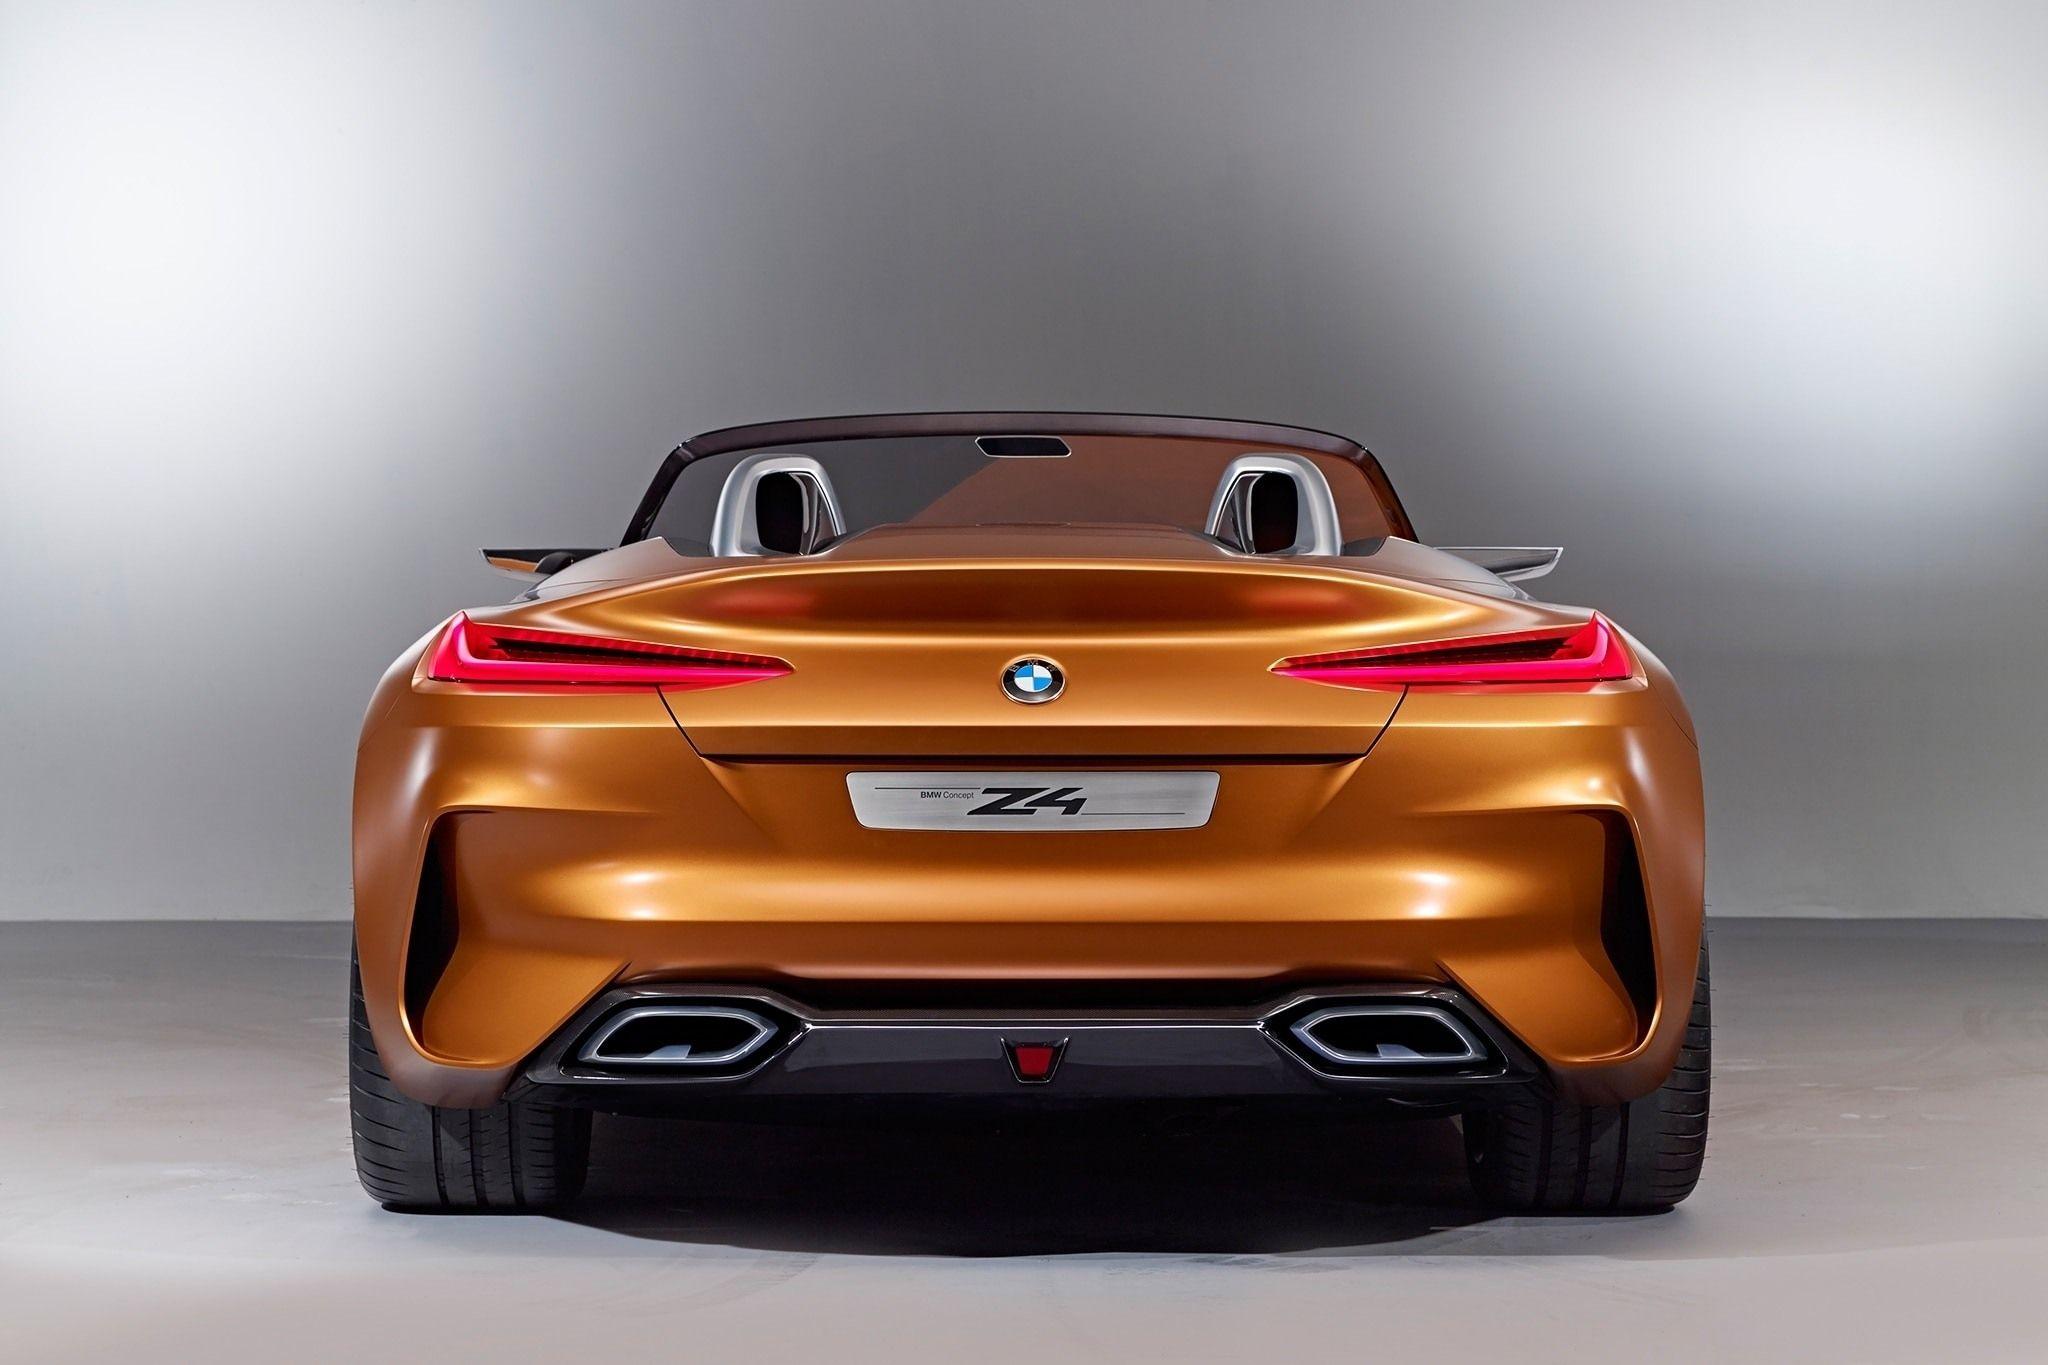 The 2019 Bmw Z4 Roadster Specs All Car Reviews Bmw Z4 Bmw Z4